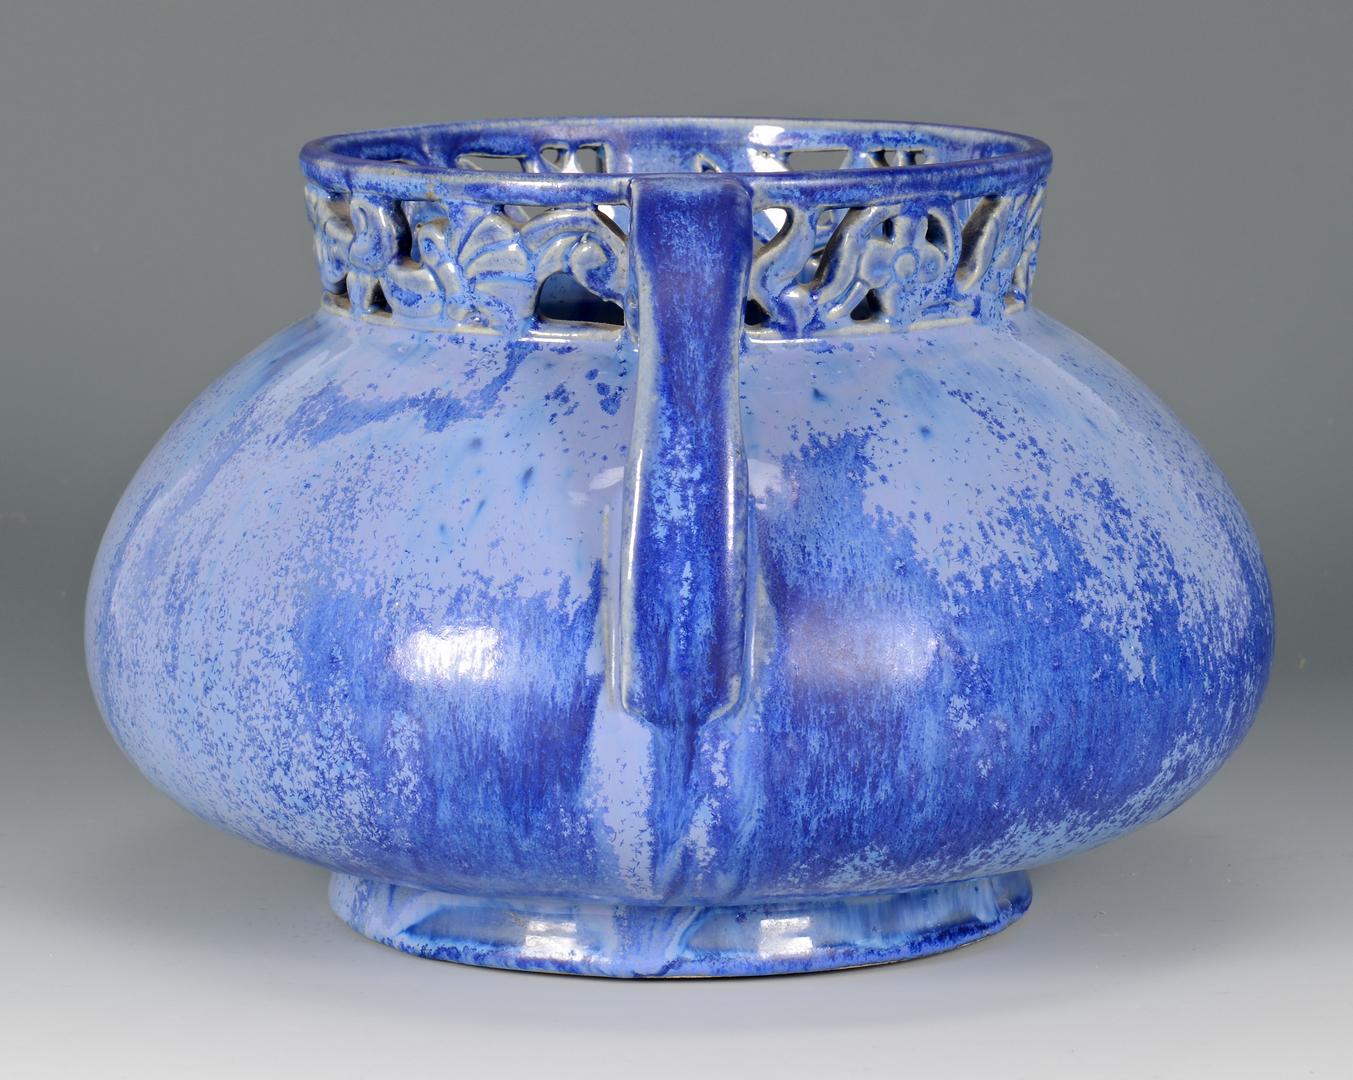 Lot 470 2 Fulper Art Pottery Pieces